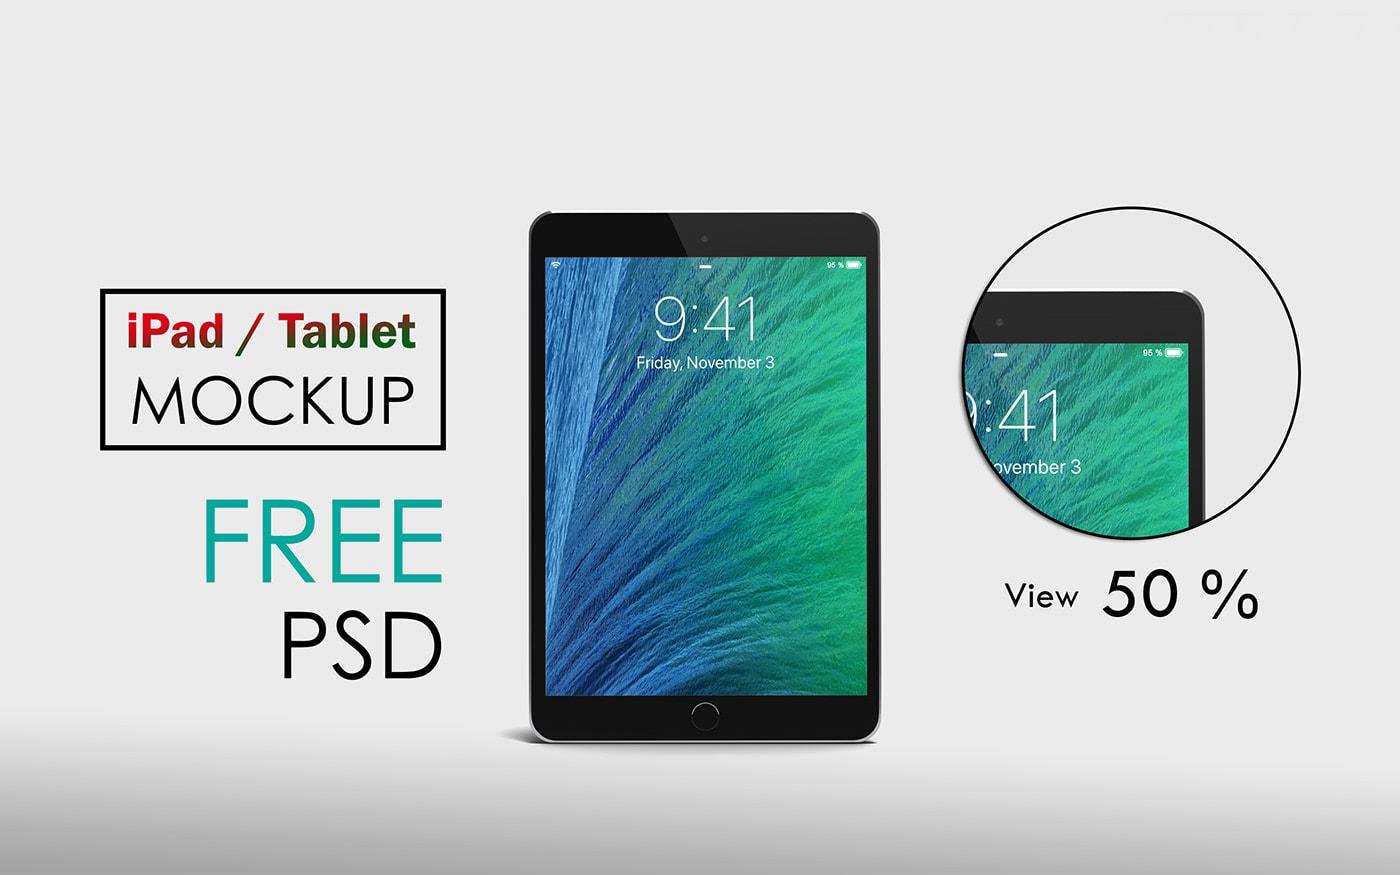 Free iPad / Tablet Mockup